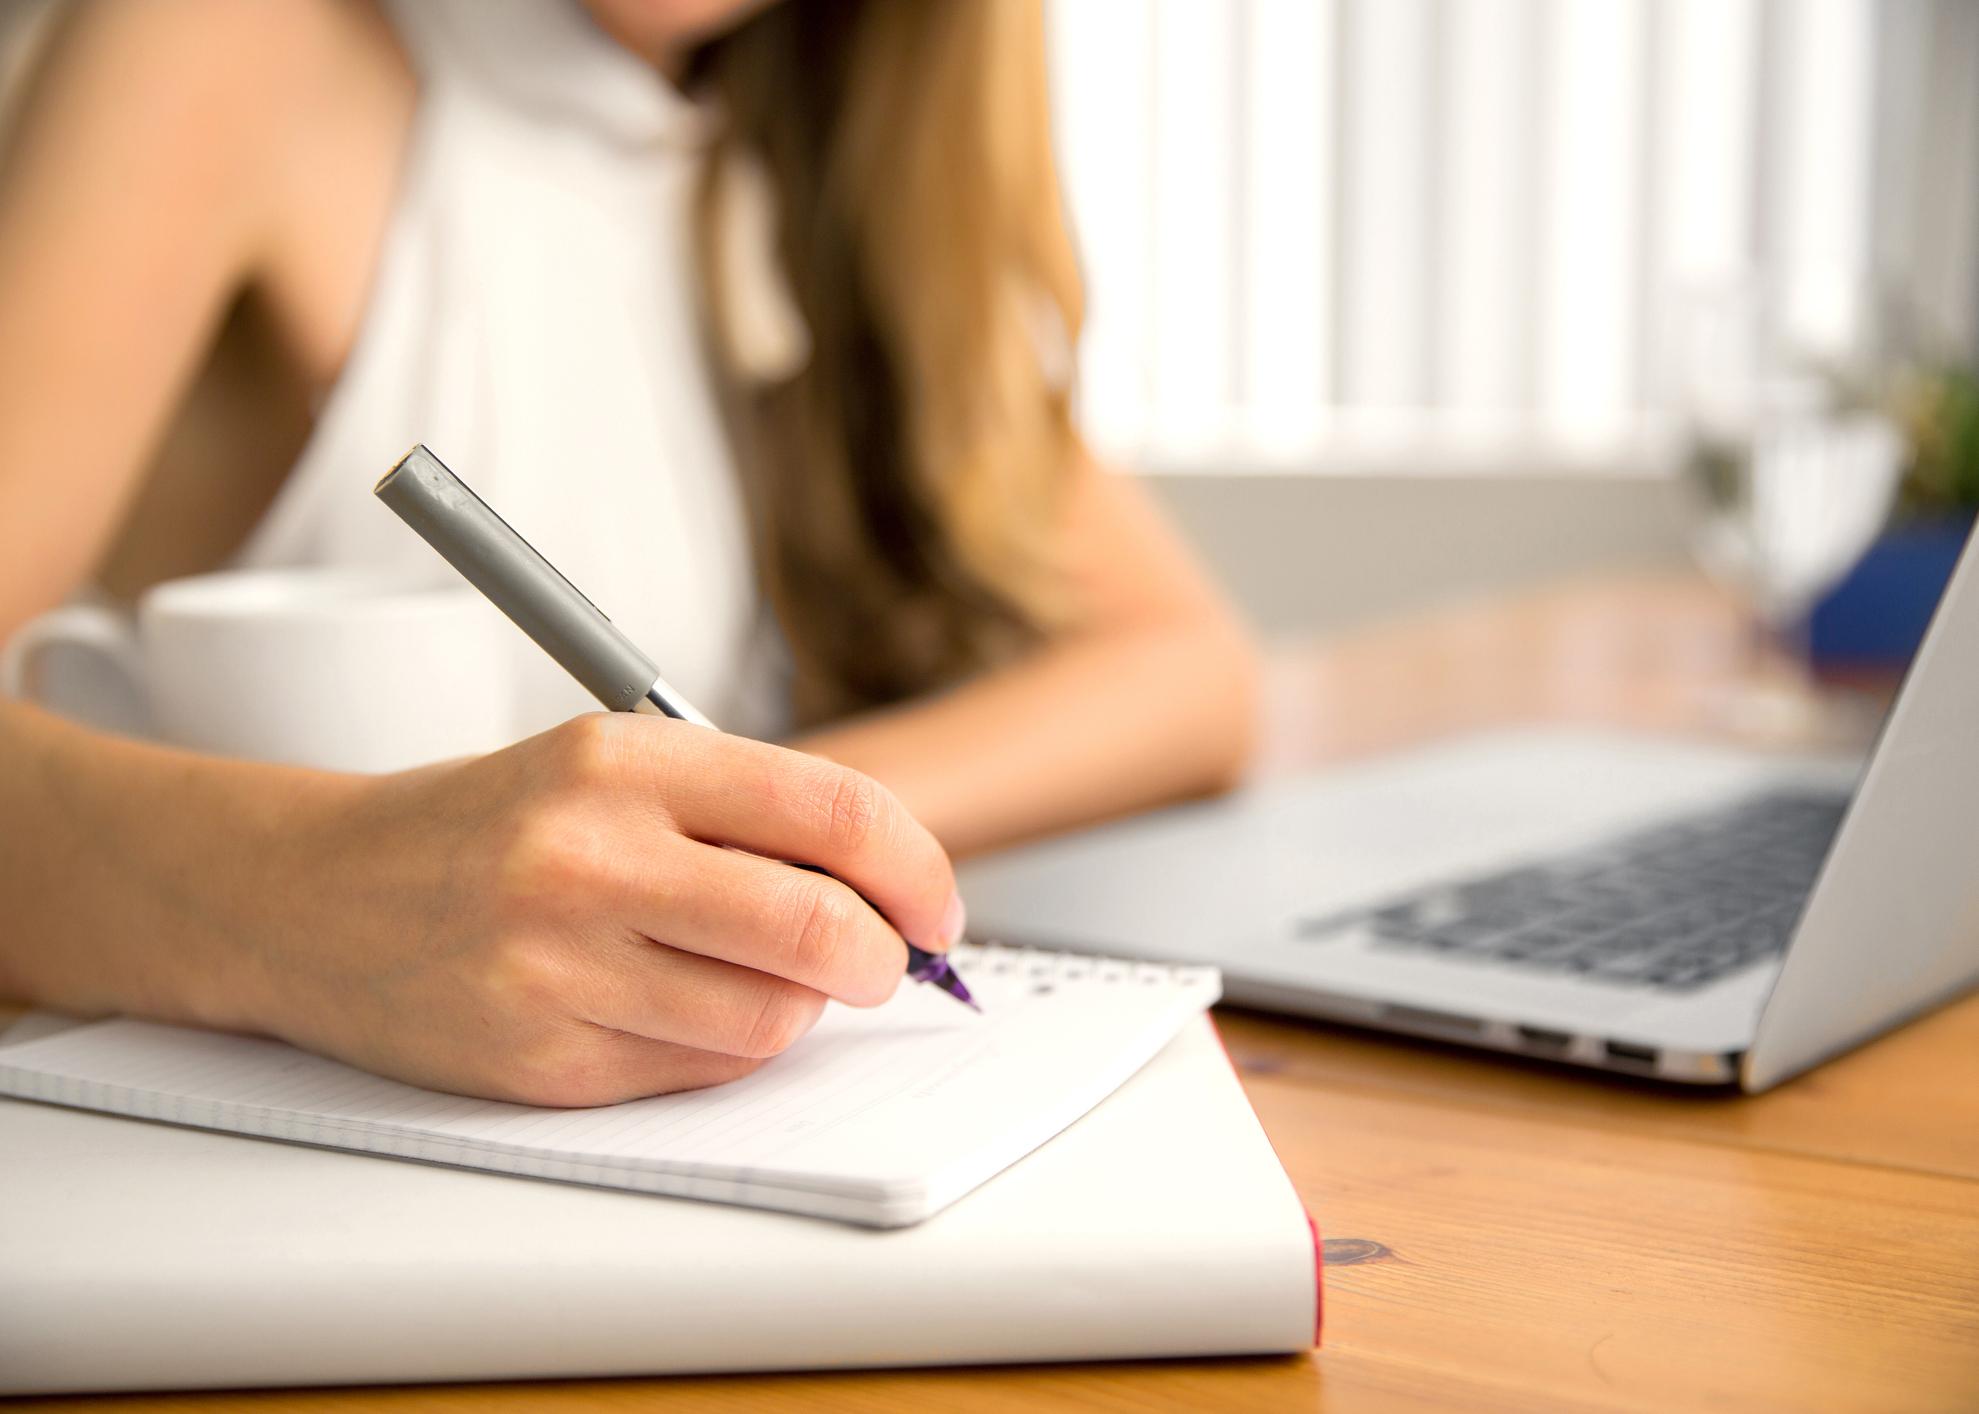 rapariga trabalha no computador